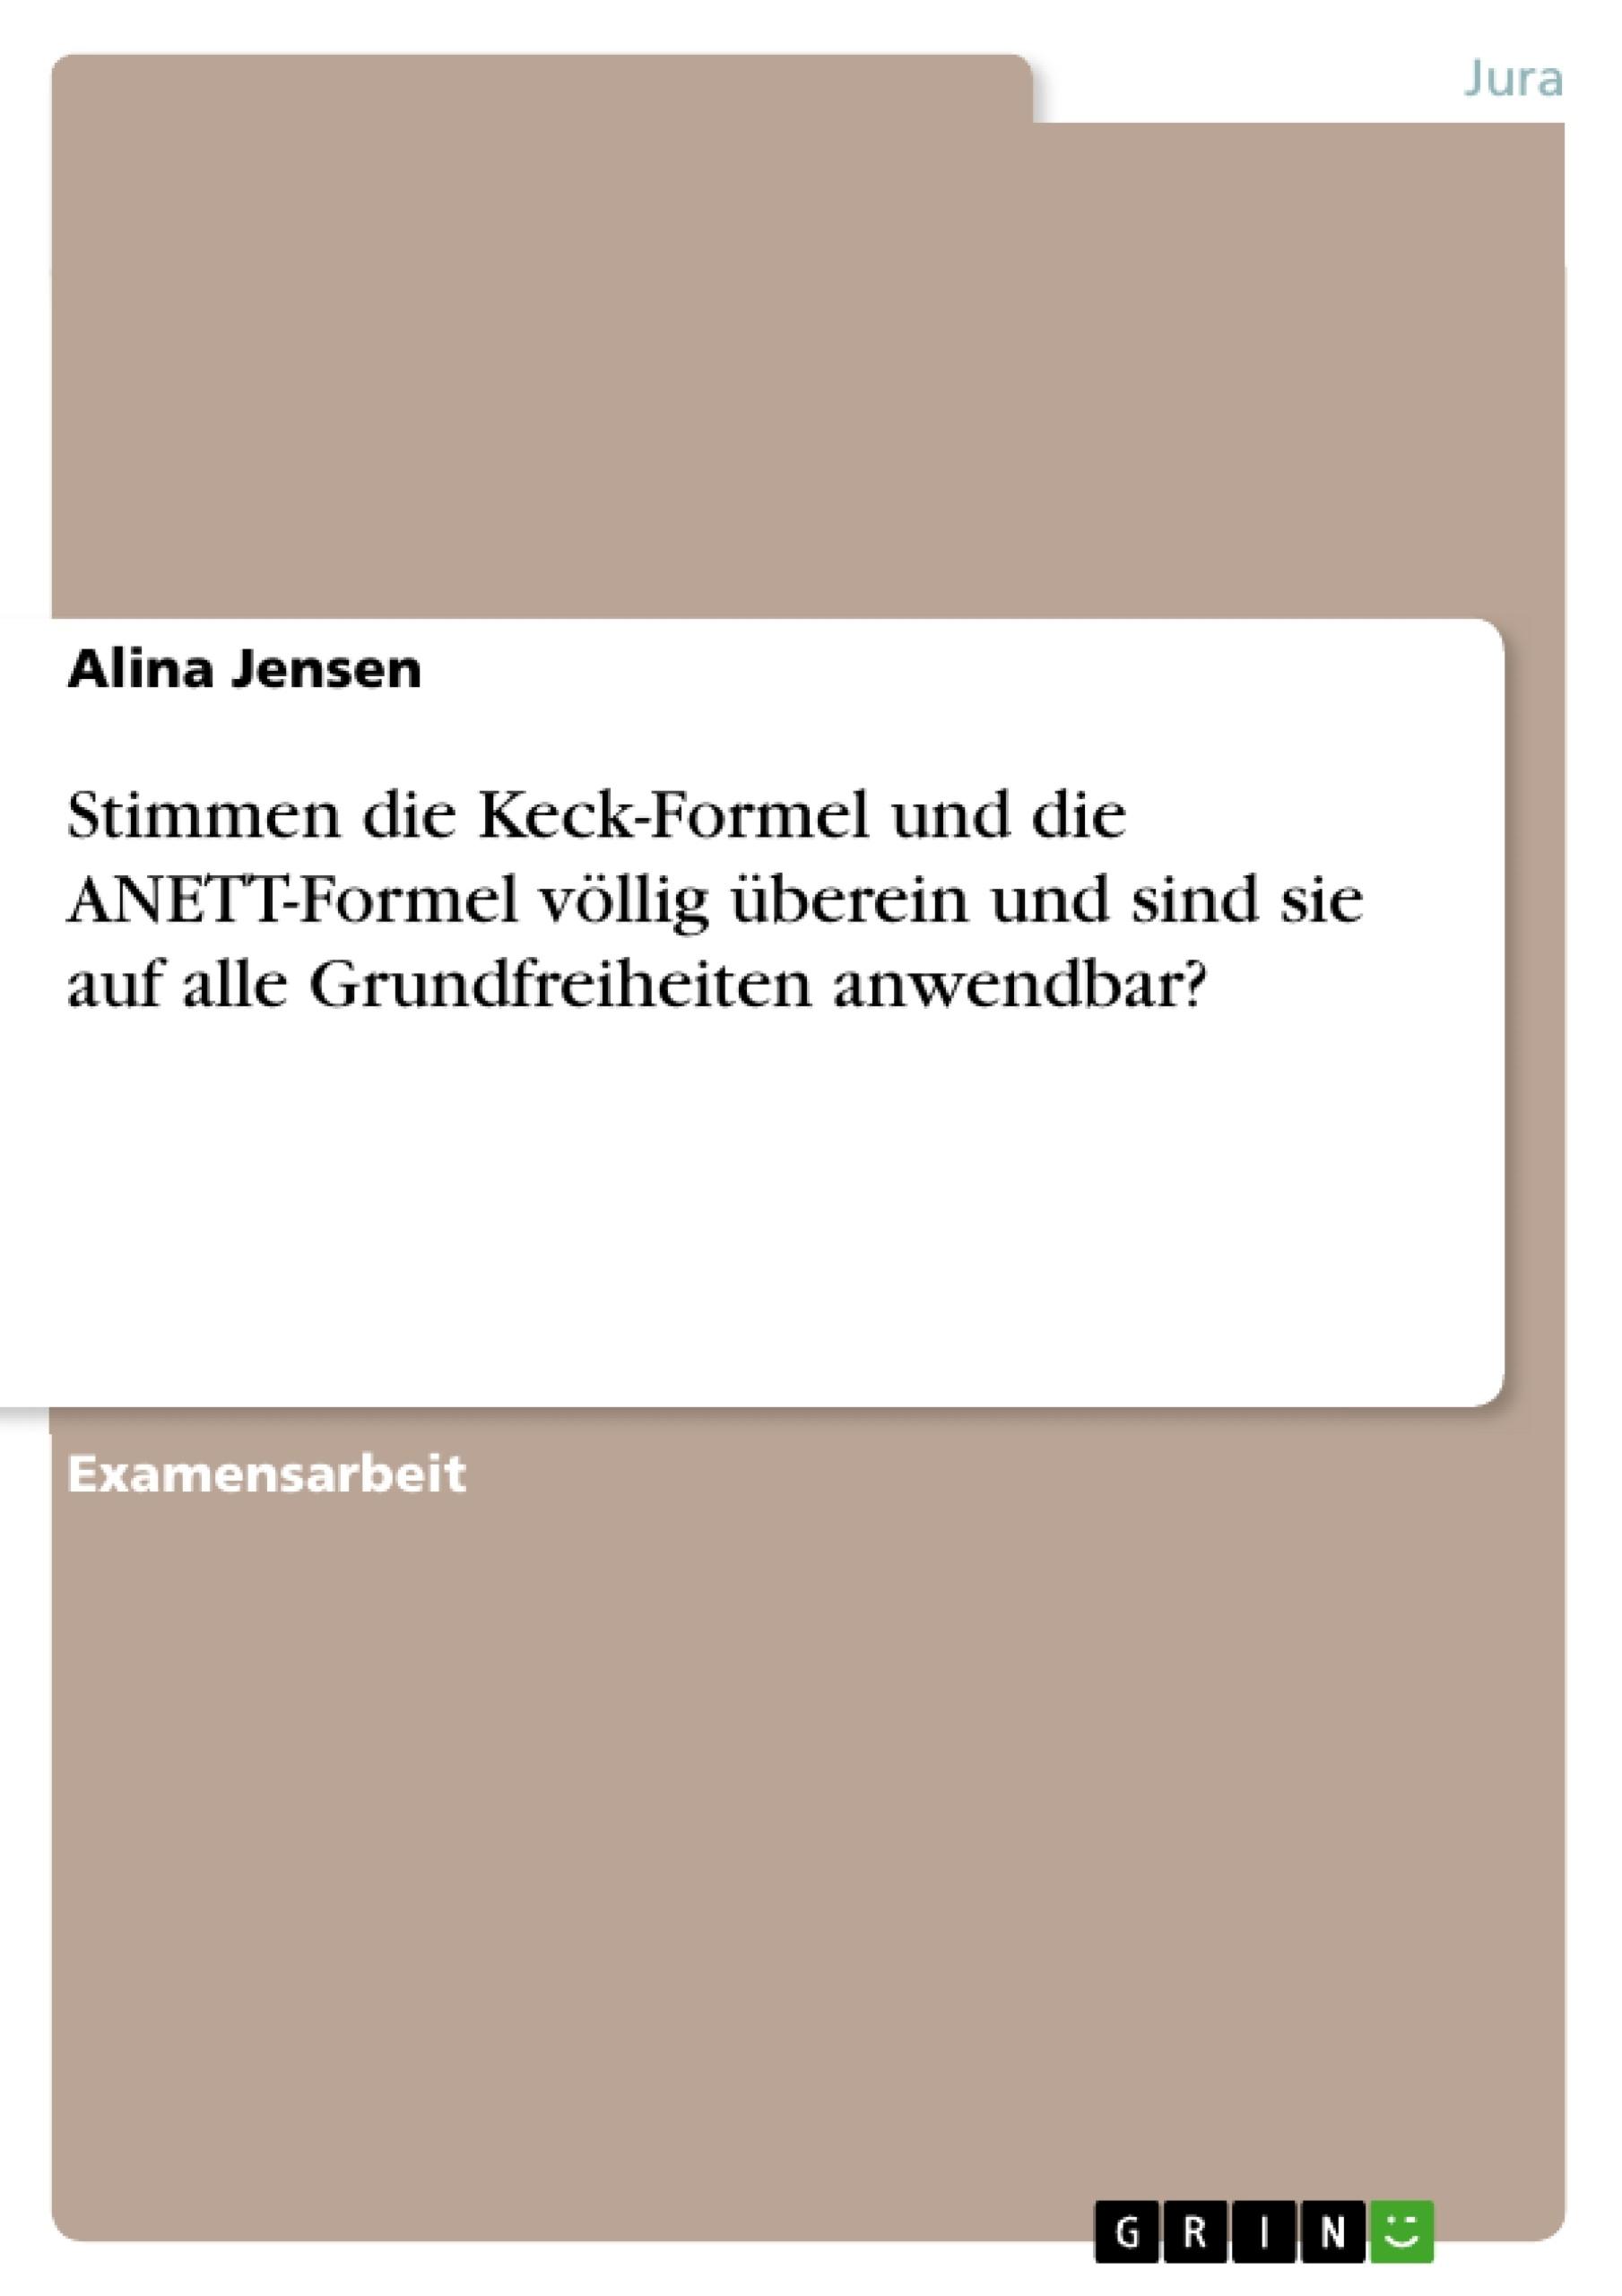 Titel: Stimmen die Keck-Formel und die ANETT-Formel völlig überein und sind sie auf alle Grundfreiheiten anwendbar?